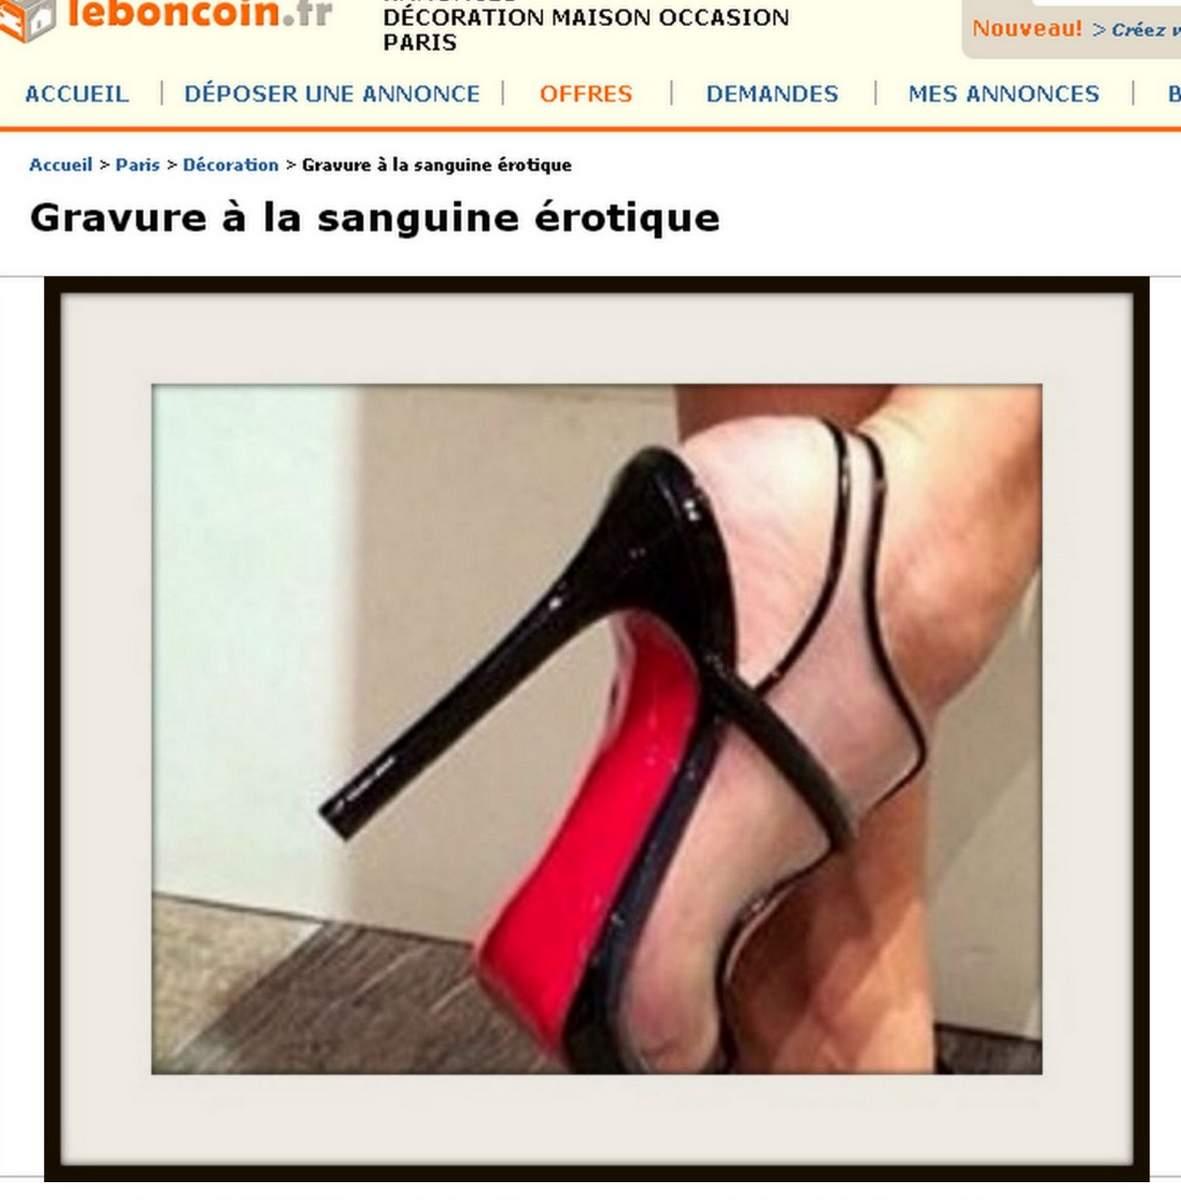 LeBonCoup les petites-annonces amoureuse de LeBonCoin.fr